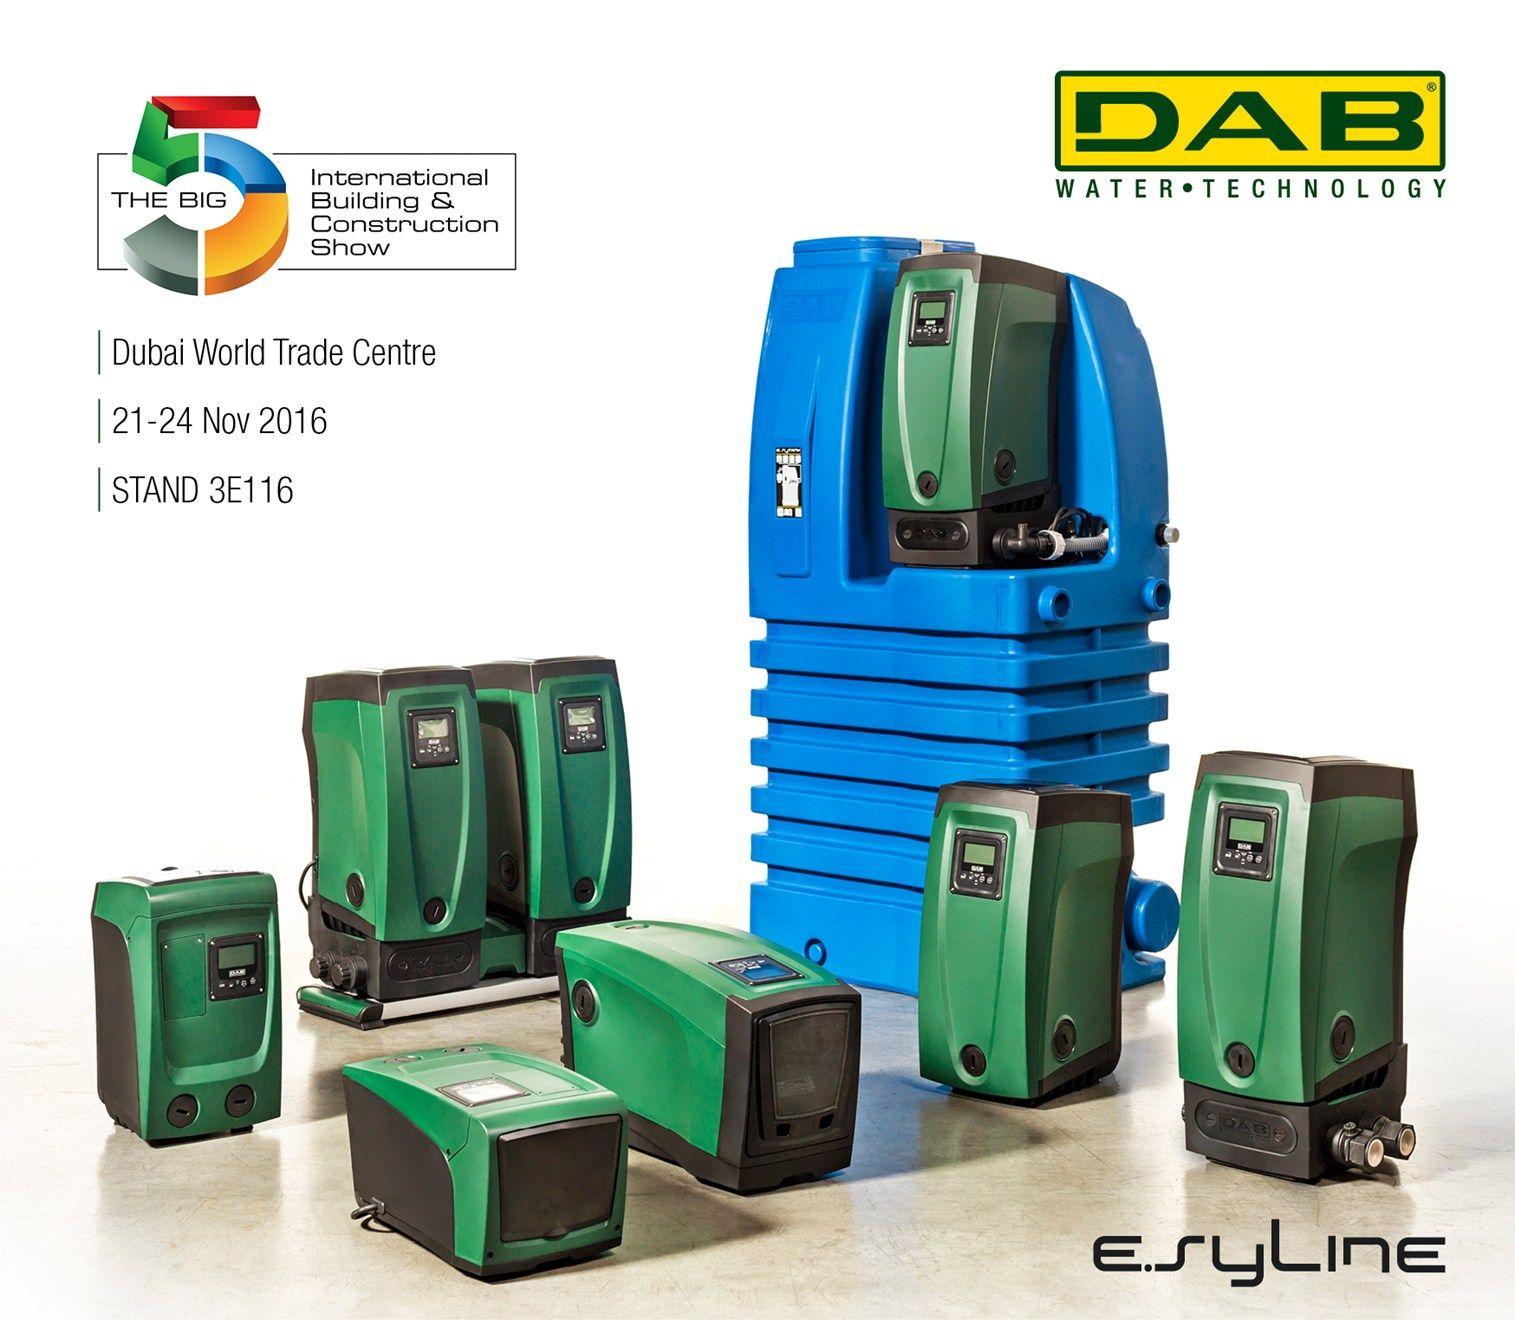 E.SWIM di DAB, tecnologia smart, intelligente e versatile